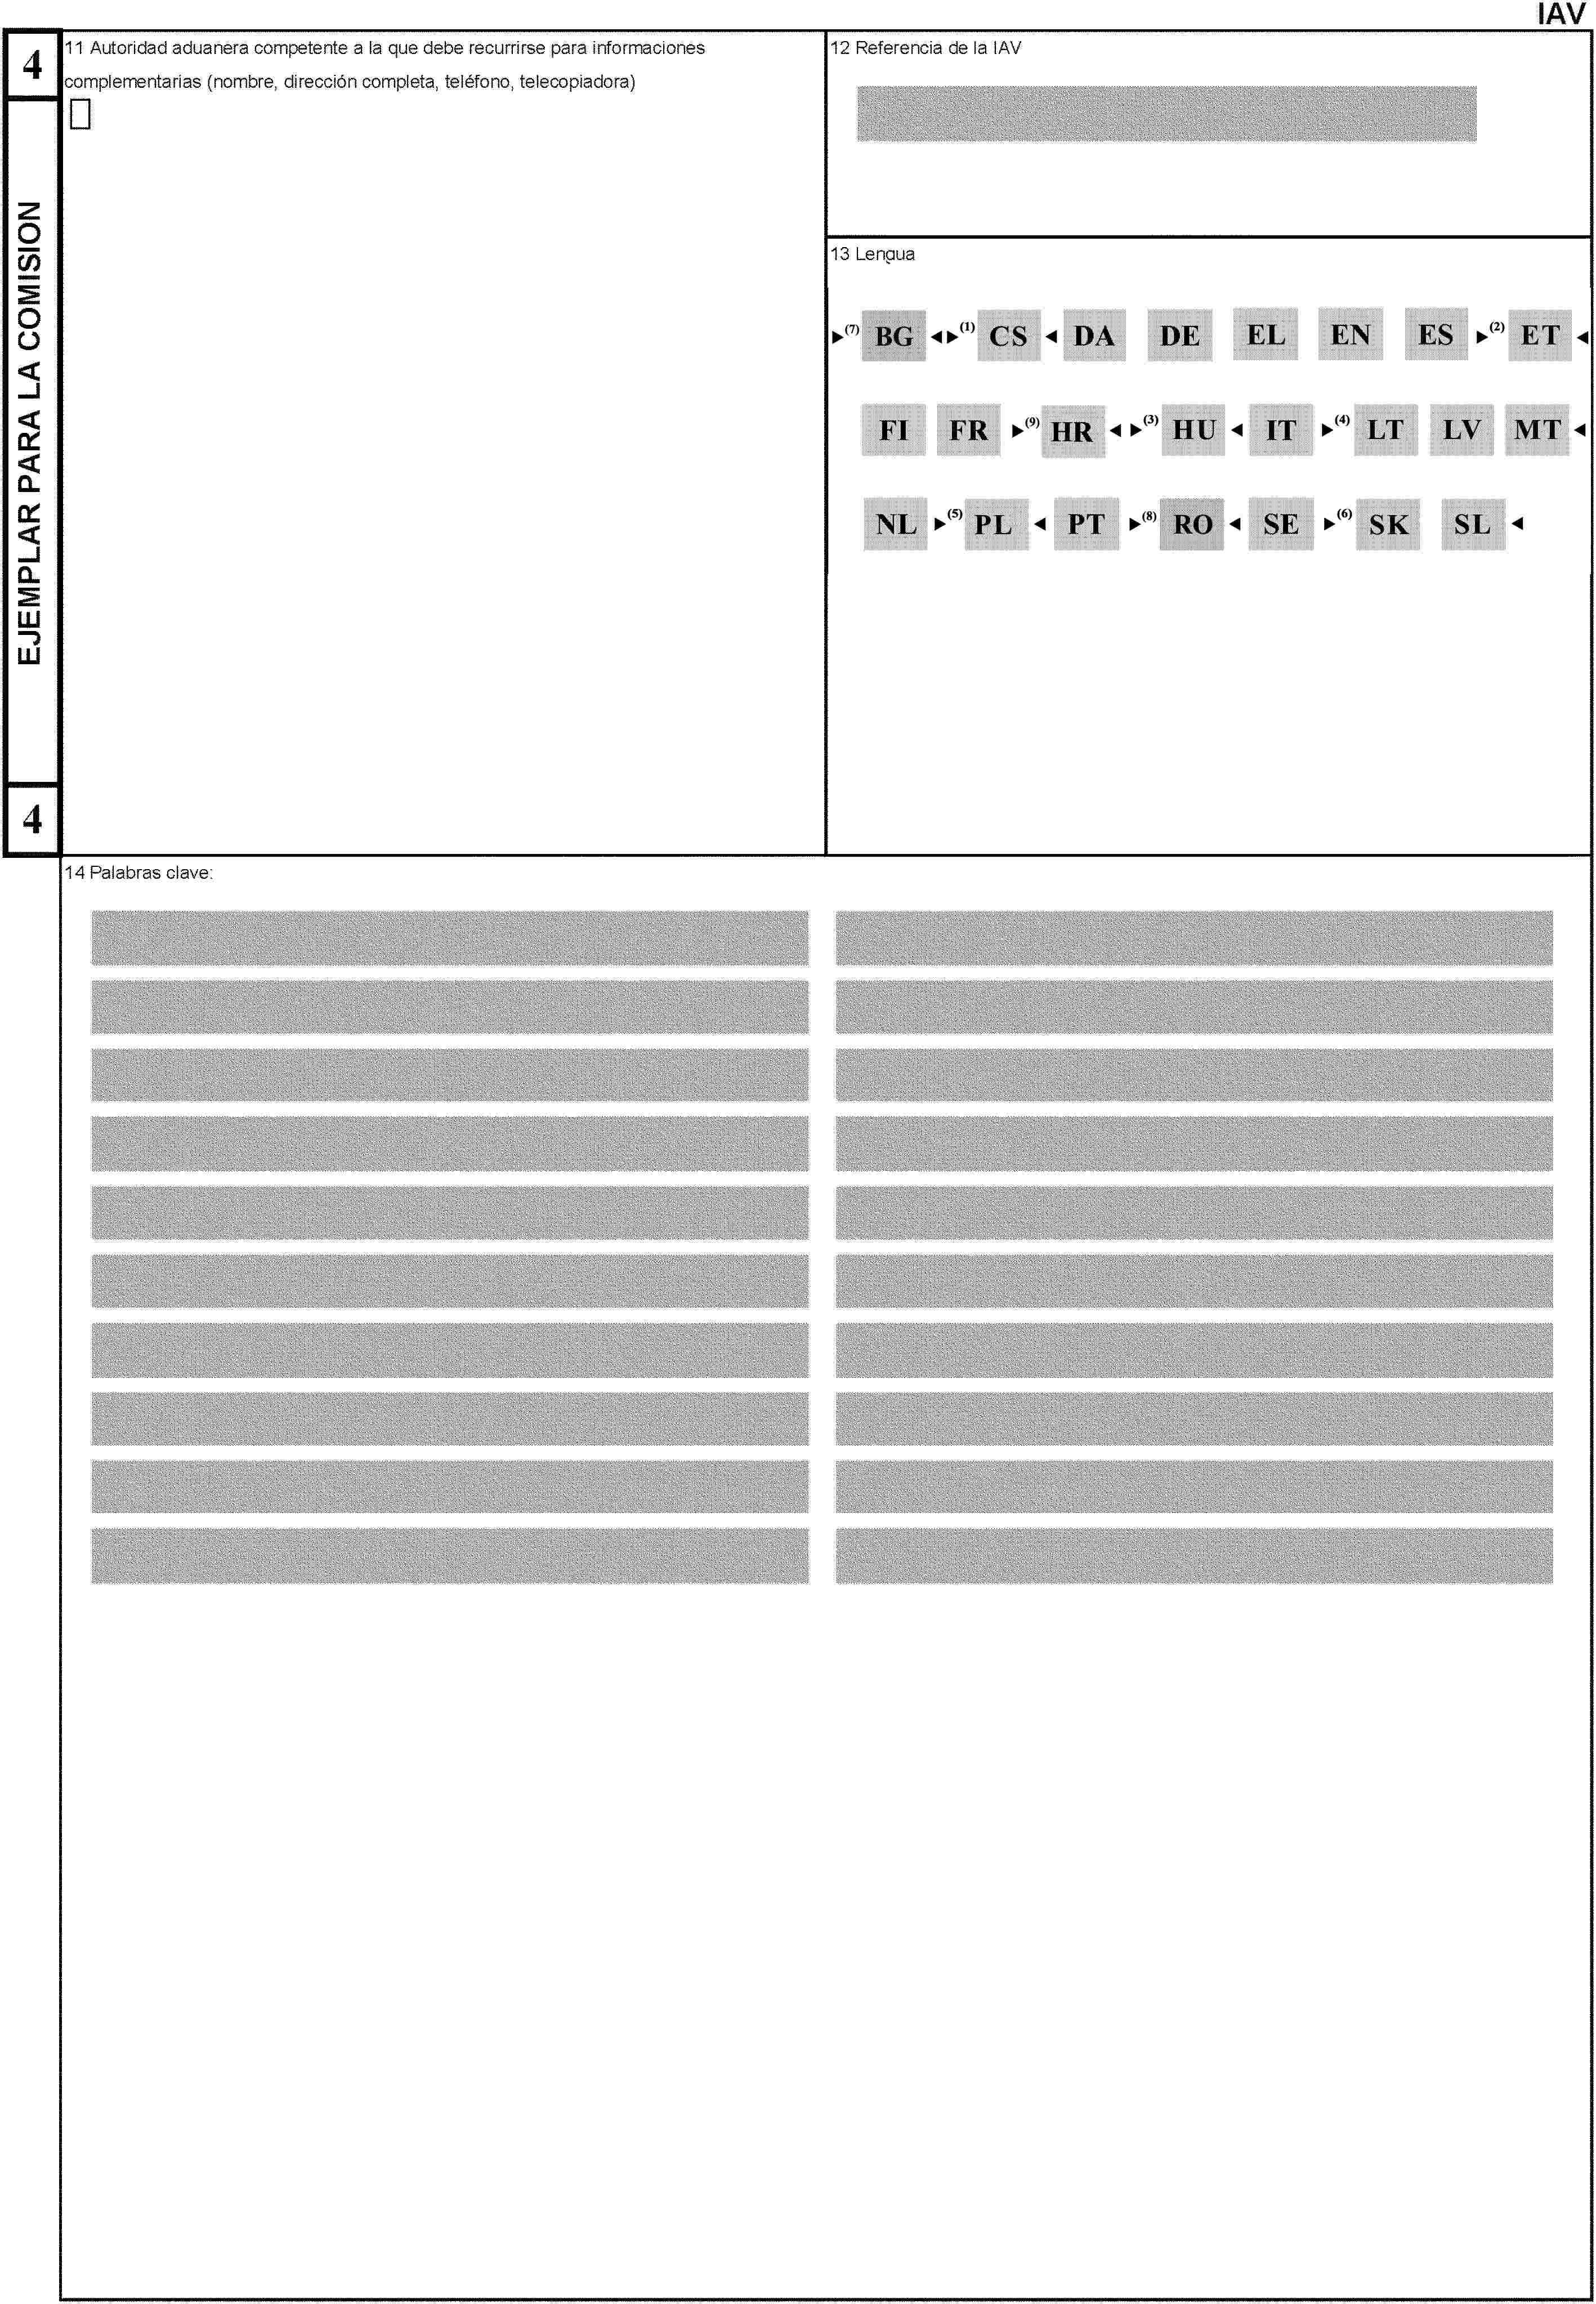 Calendario Febrero 2019 Colombia Para Imprimir Más Recientes Eur Lex R2454 En Eur Lex Of Calendario Febrero 2019 Colombia Para Imprimir Más Recientemente Liberado Este Es Realmente Imprimir Calendario Septiembre Octubre 2019